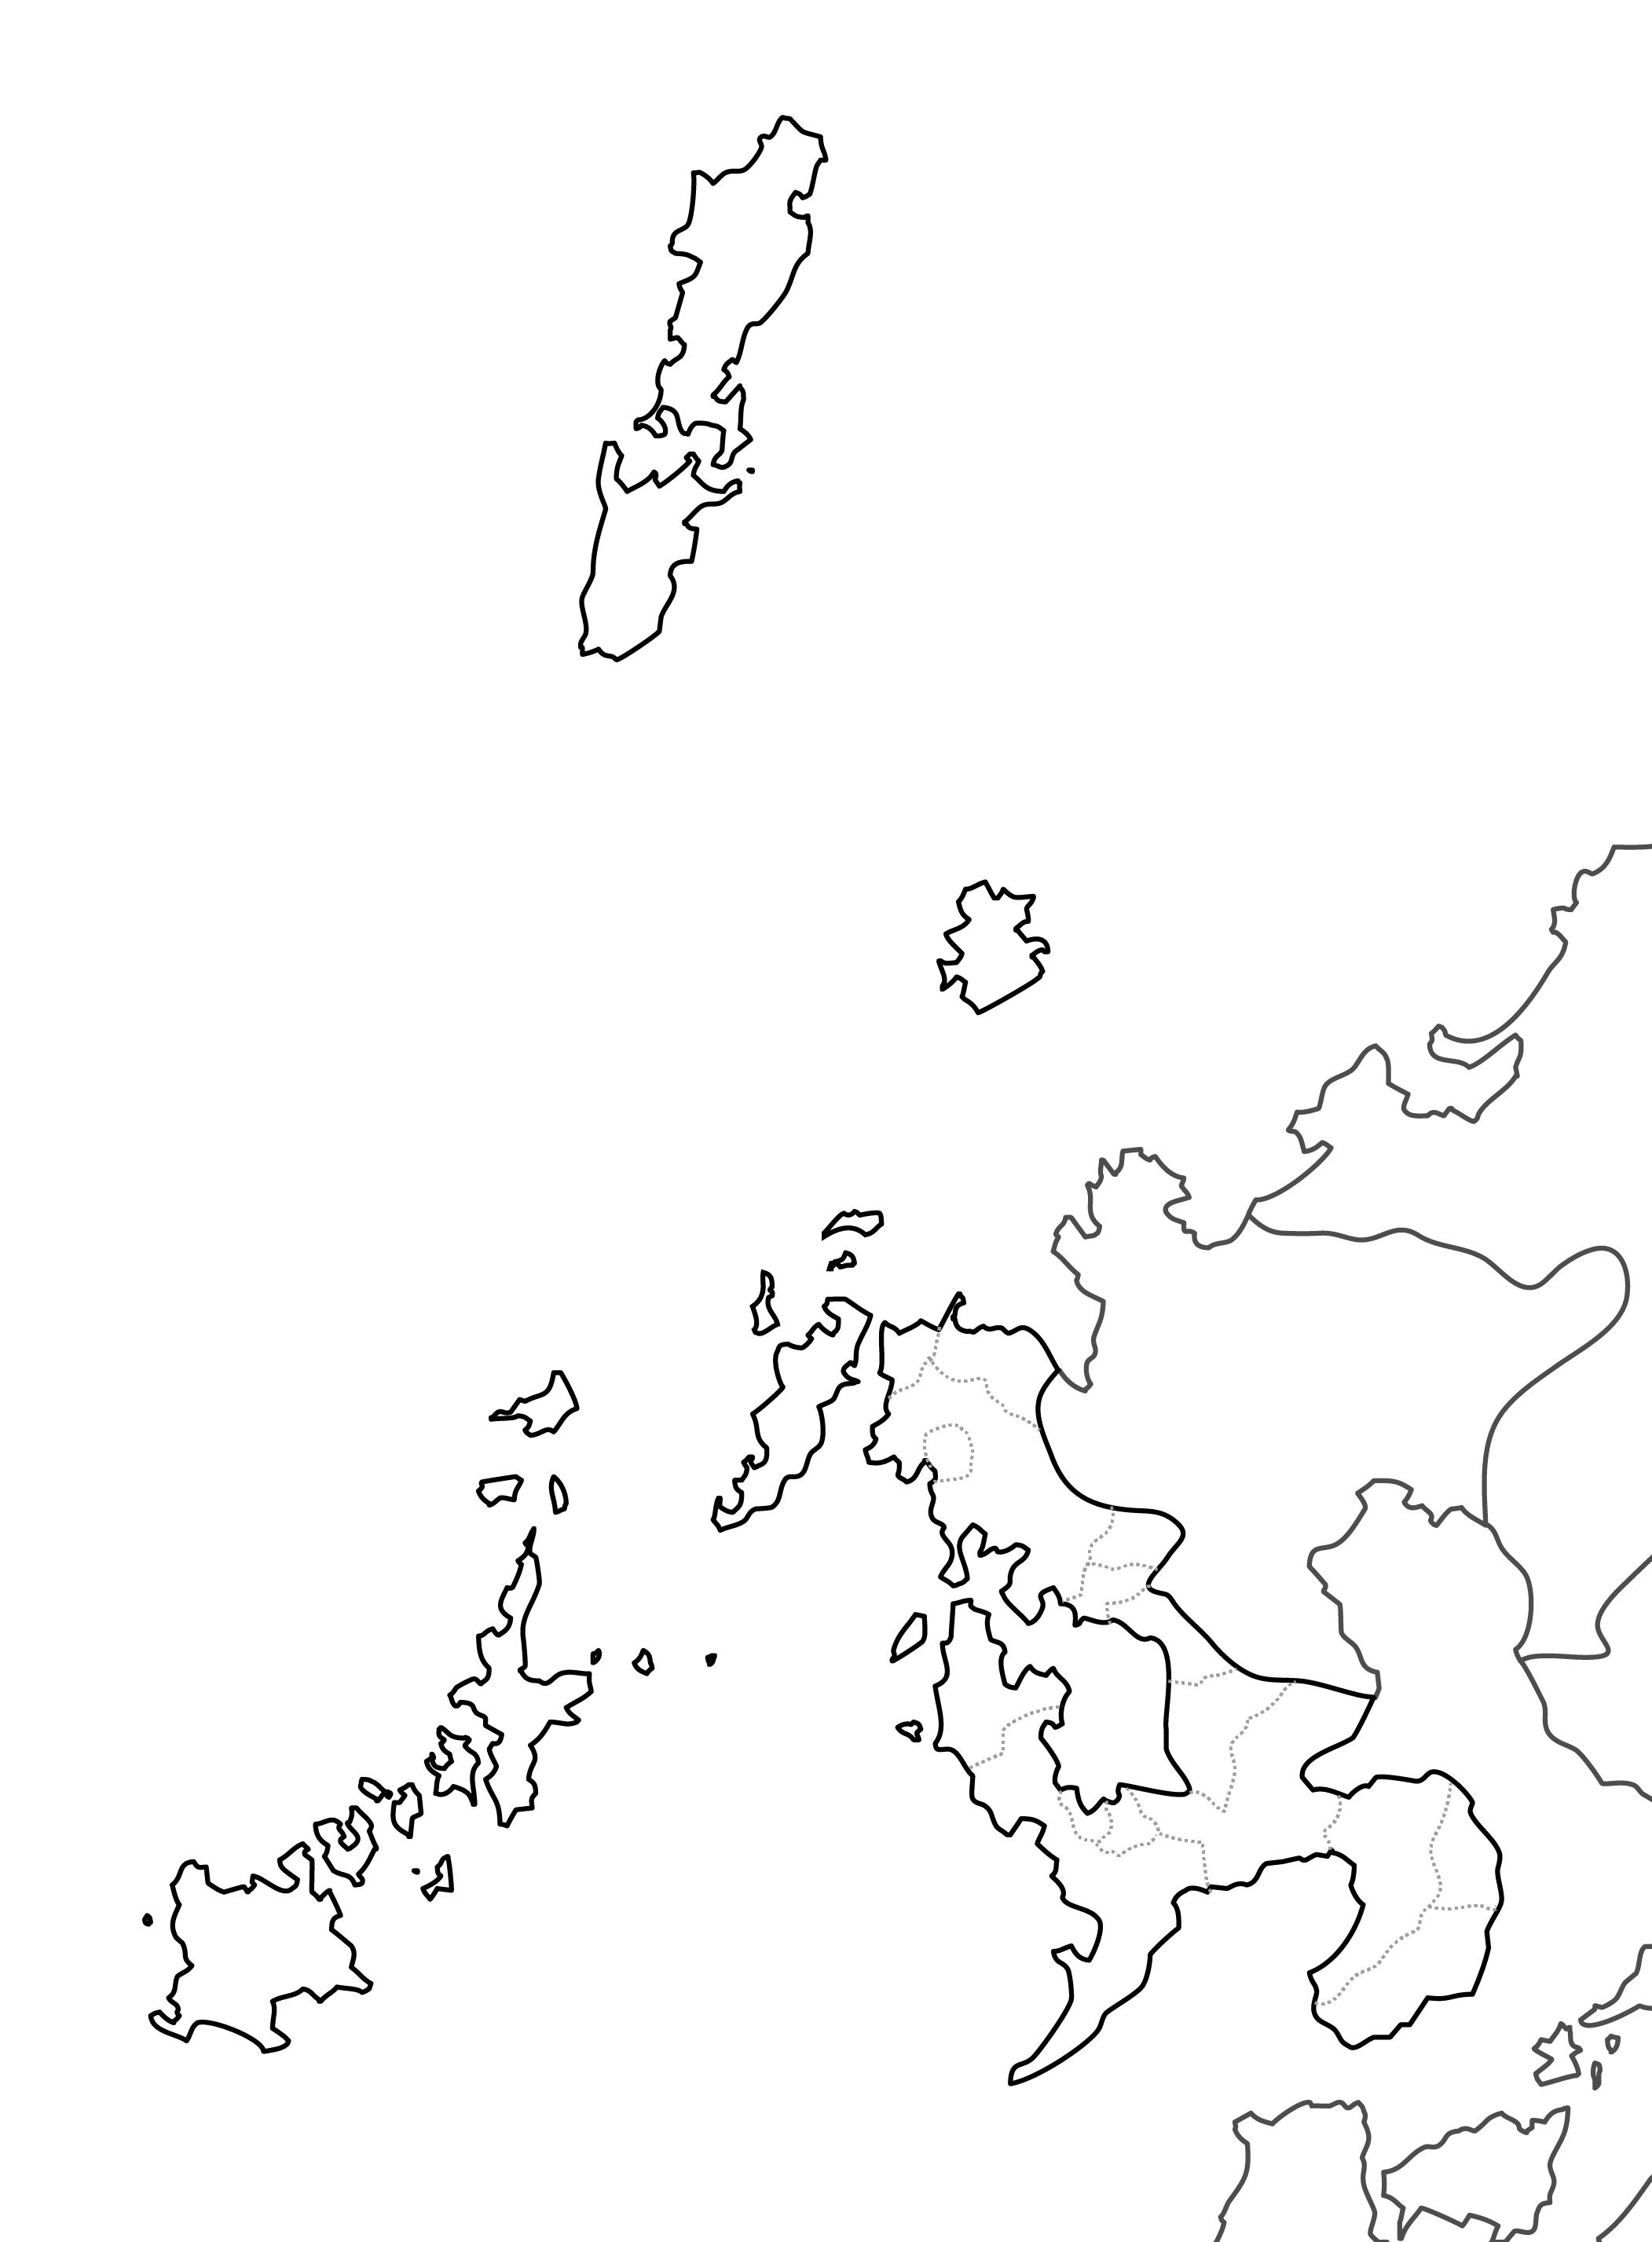 [白地図]長崎県・ラインあり・市区町村名なし・隣県なし